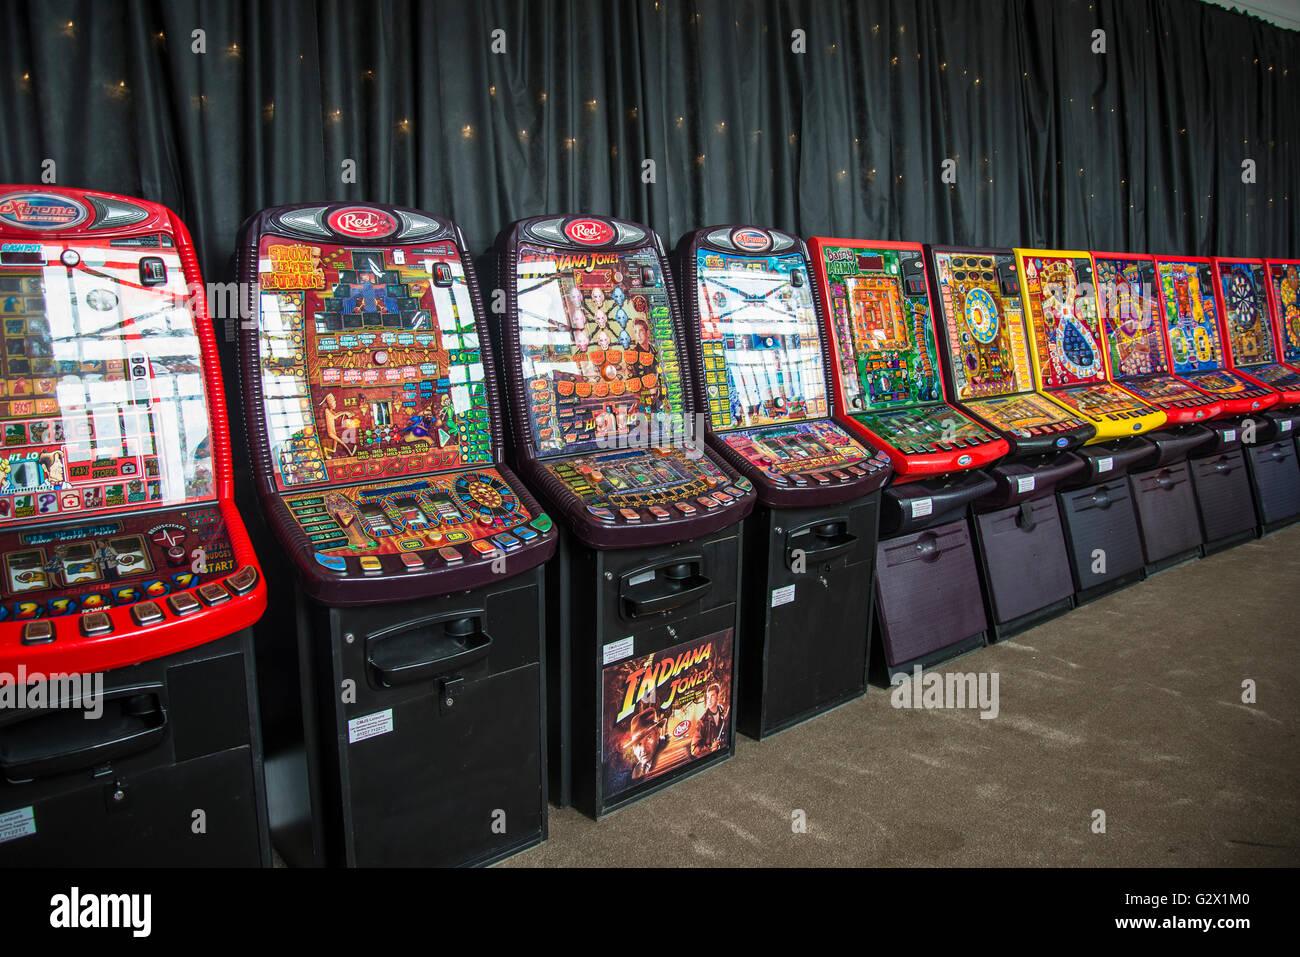 Gambling machines, Kent, England, UK - Stock Image